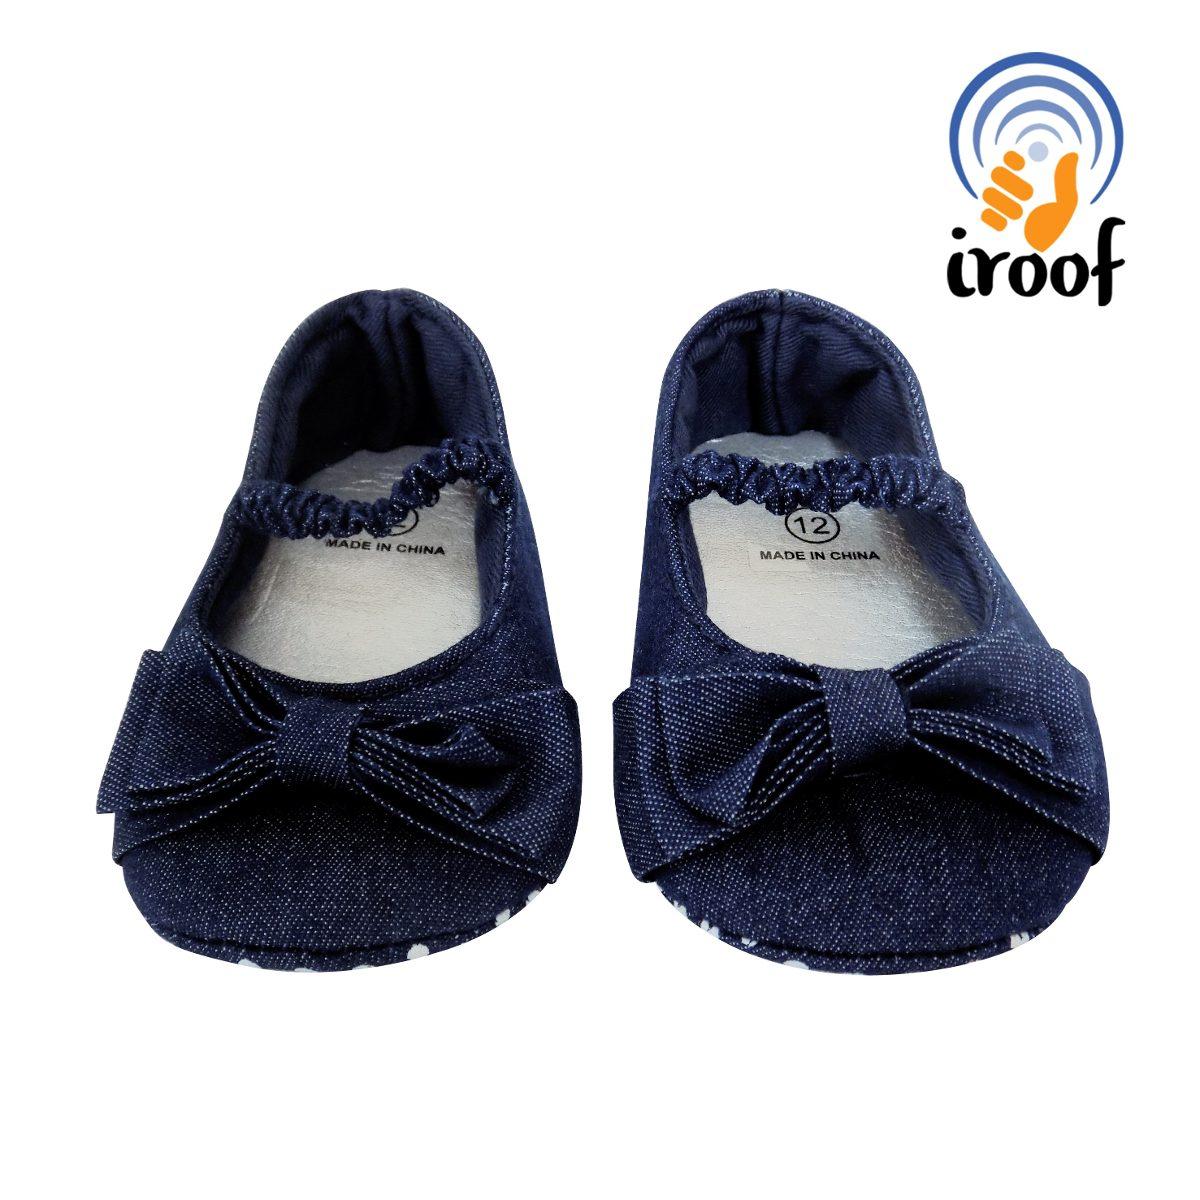 ad7748cc573ea zapatos de algodón para bebé niña talla 12-18 meses. Cargando zoom.